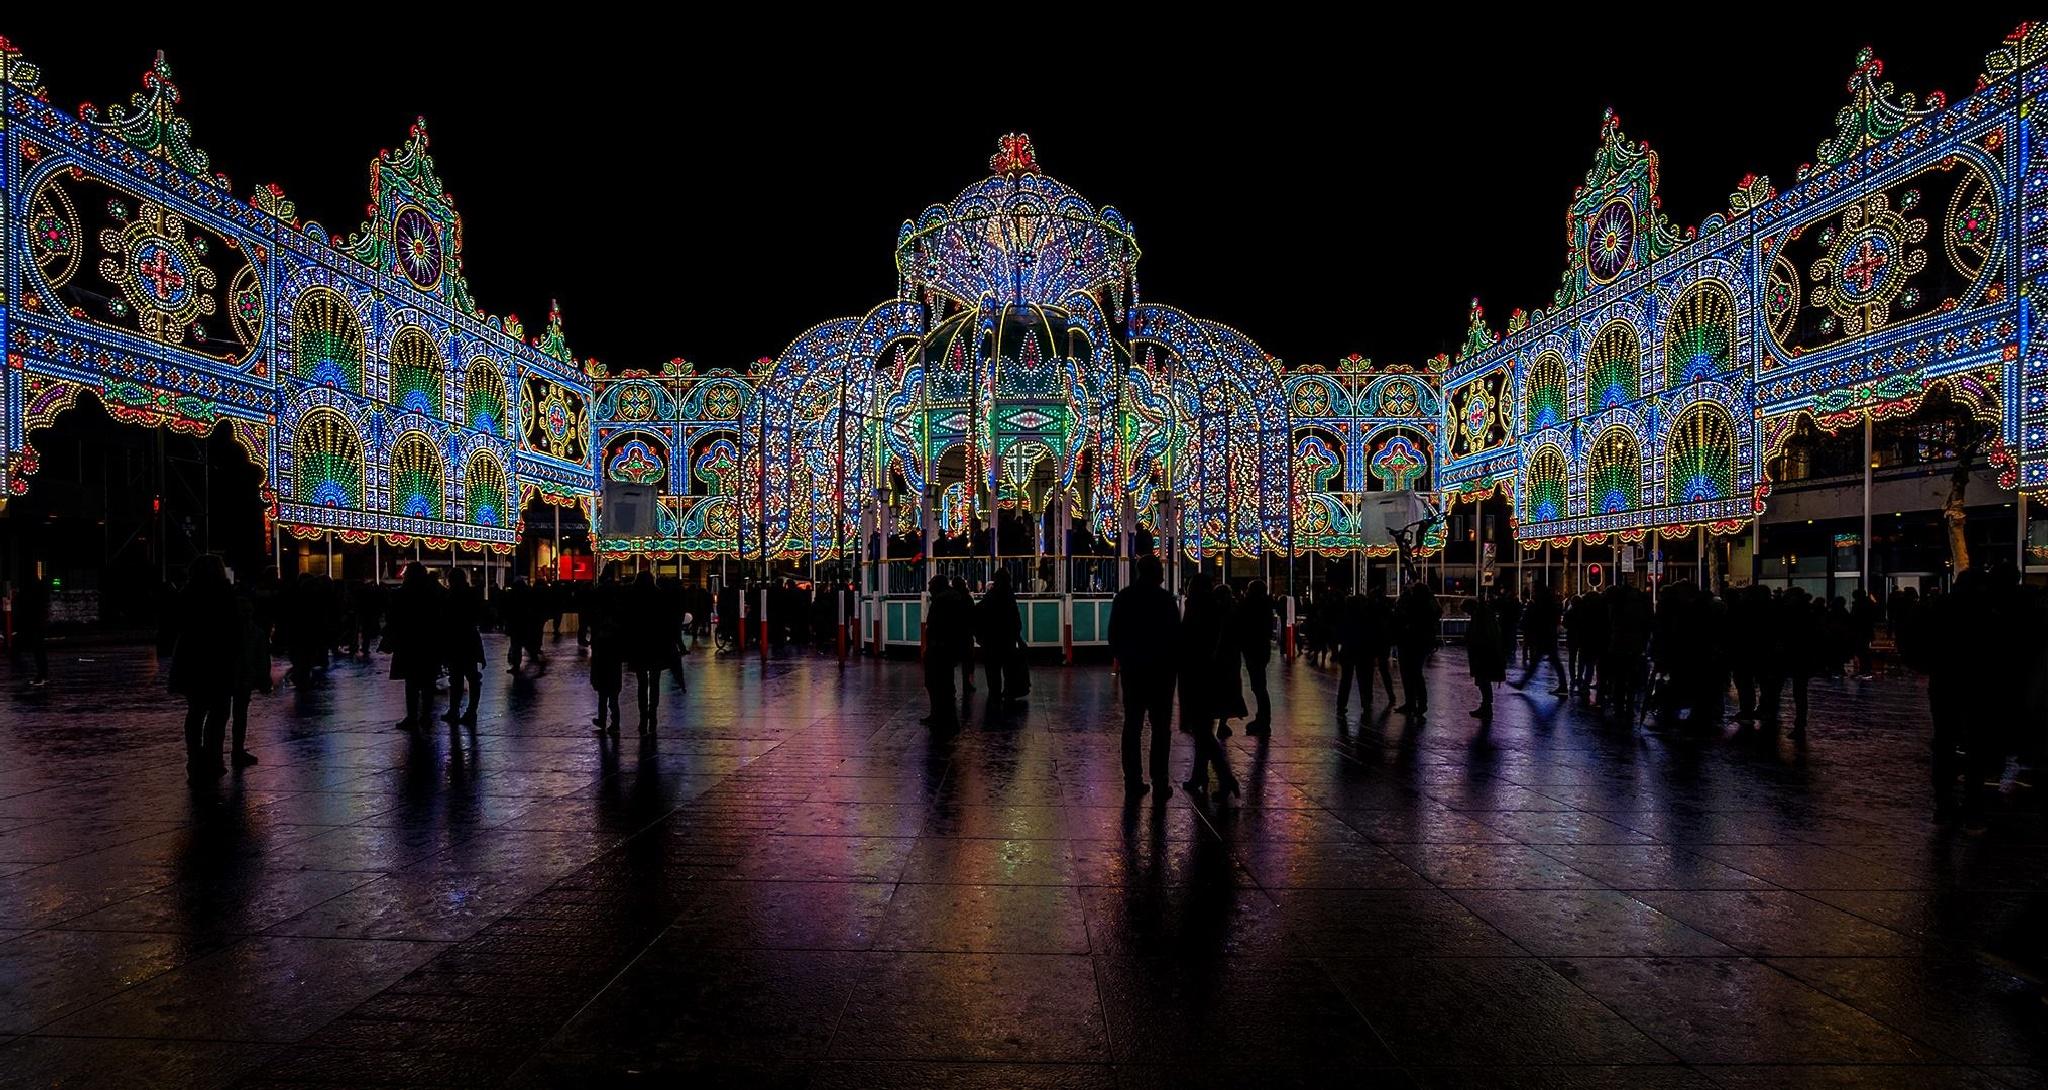 Glow - Eindhoven by Robin van den Belt